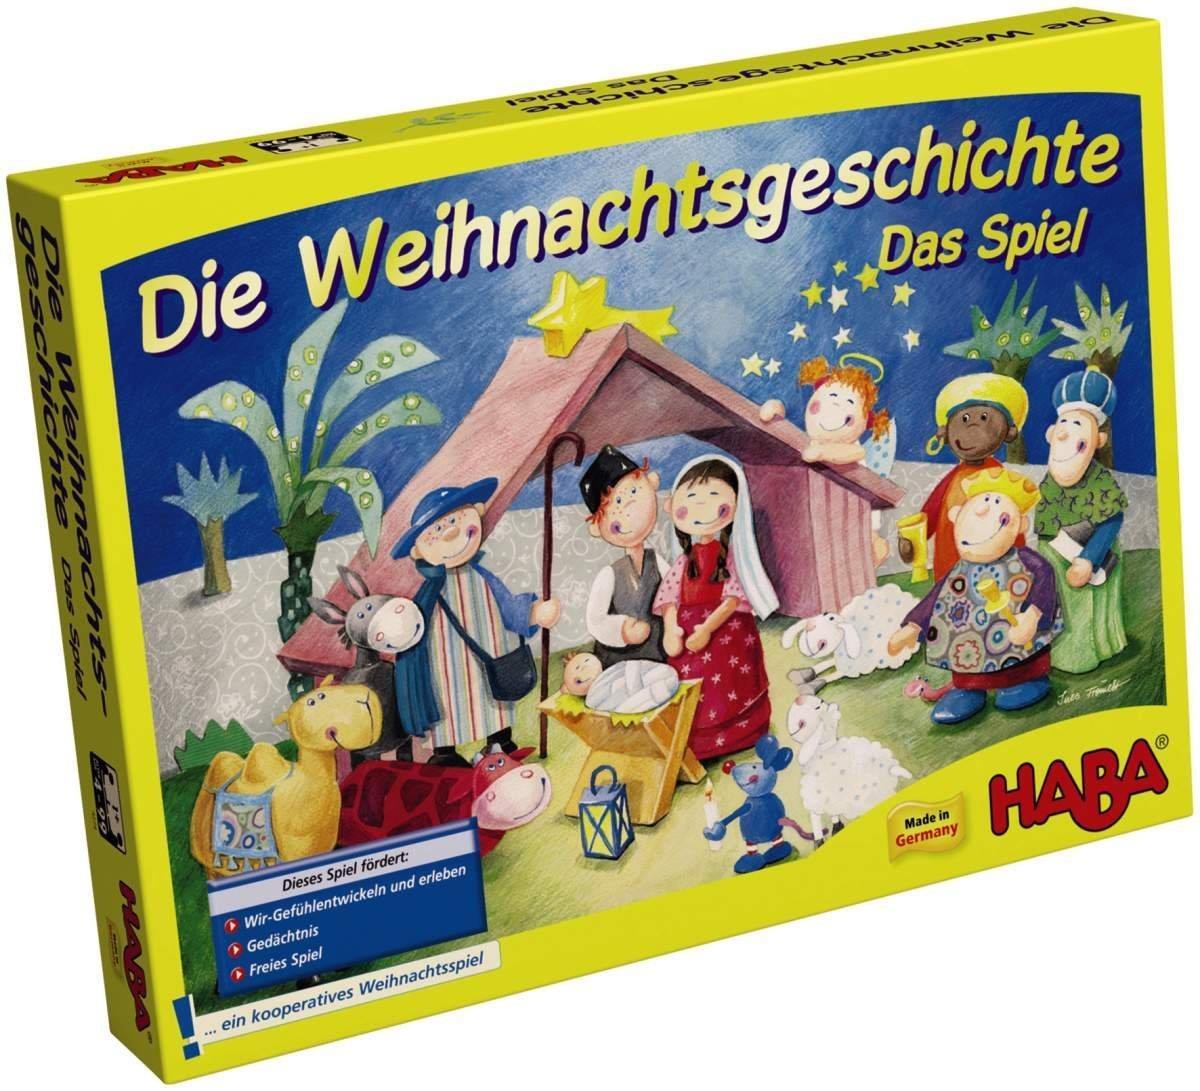 [duo-shop] HABA Die Weihnachtsgeschichte- Das Spiel